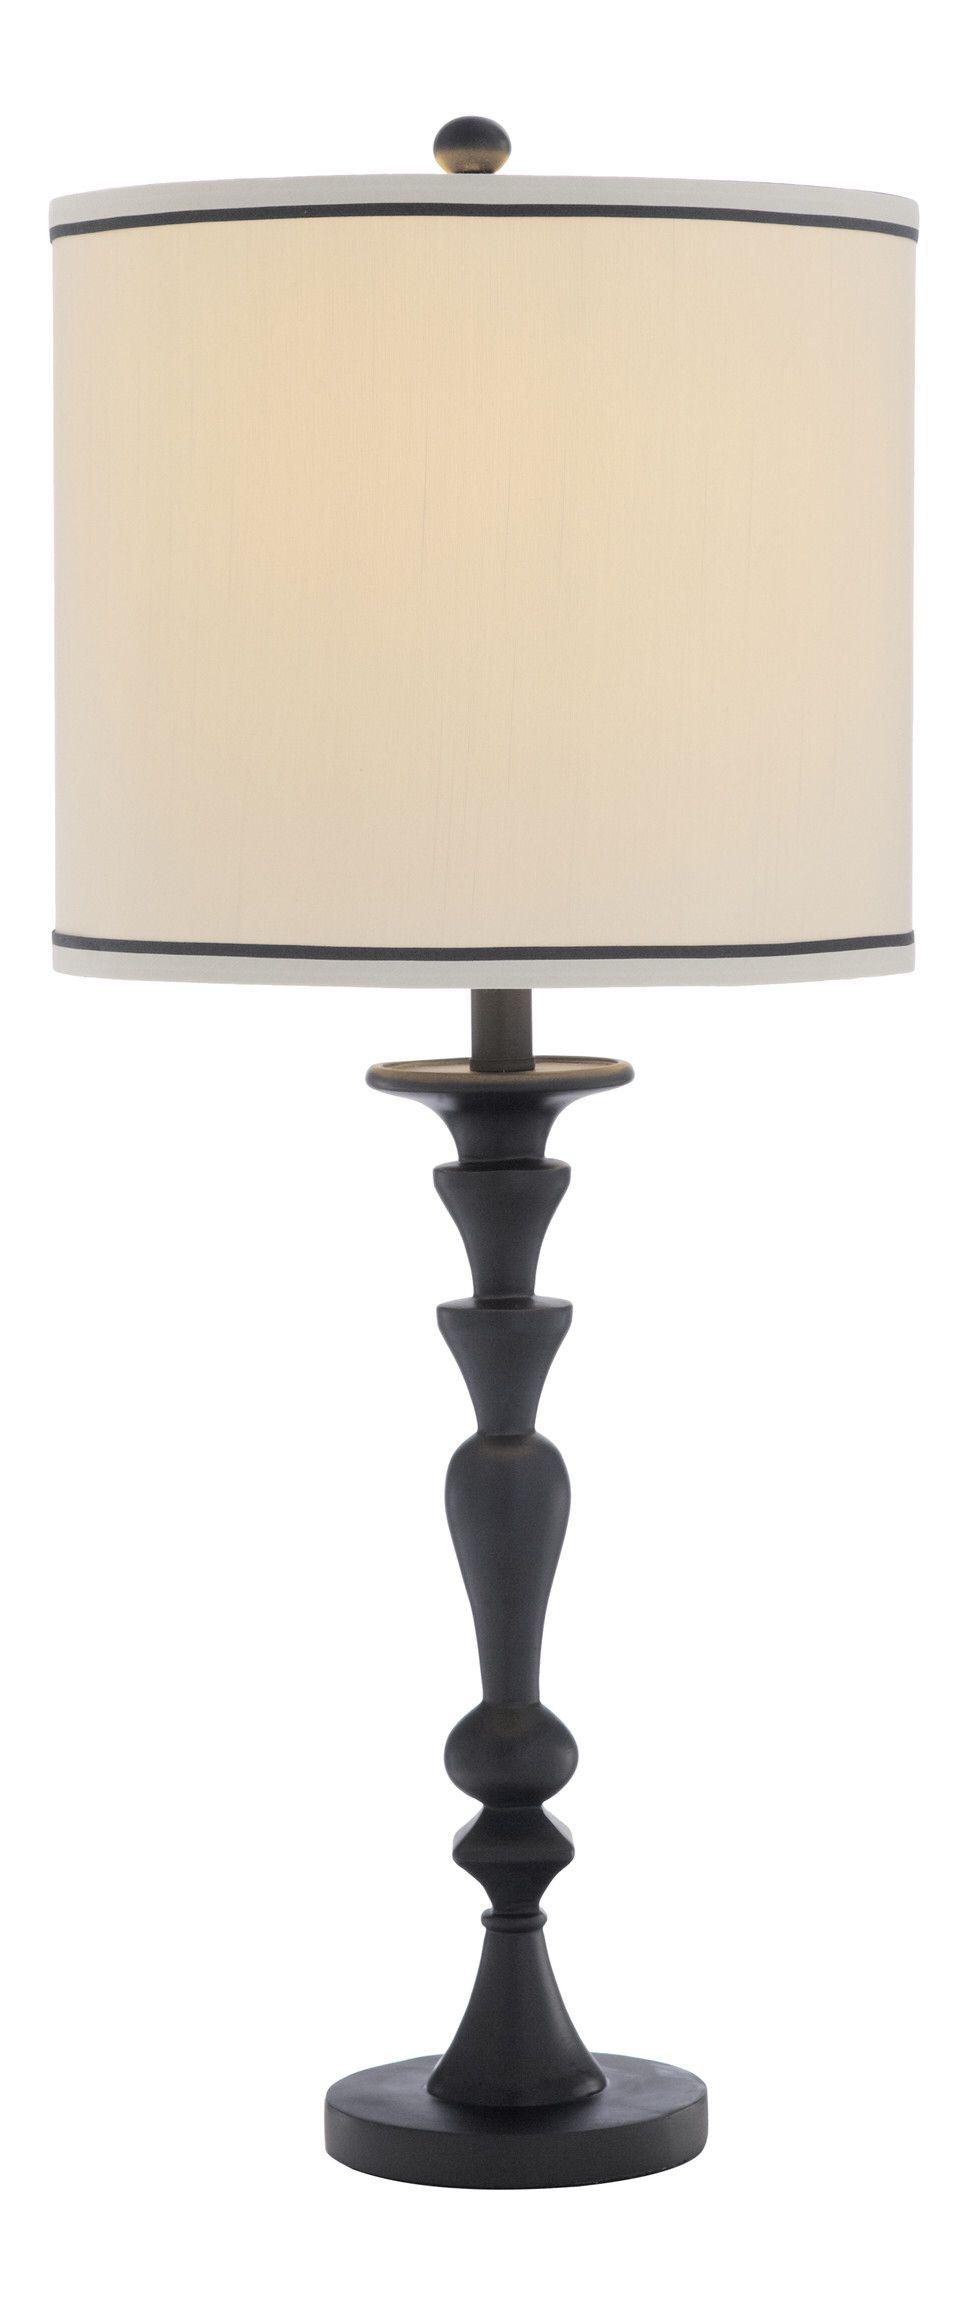 Bobbin table lamp bed pinterest